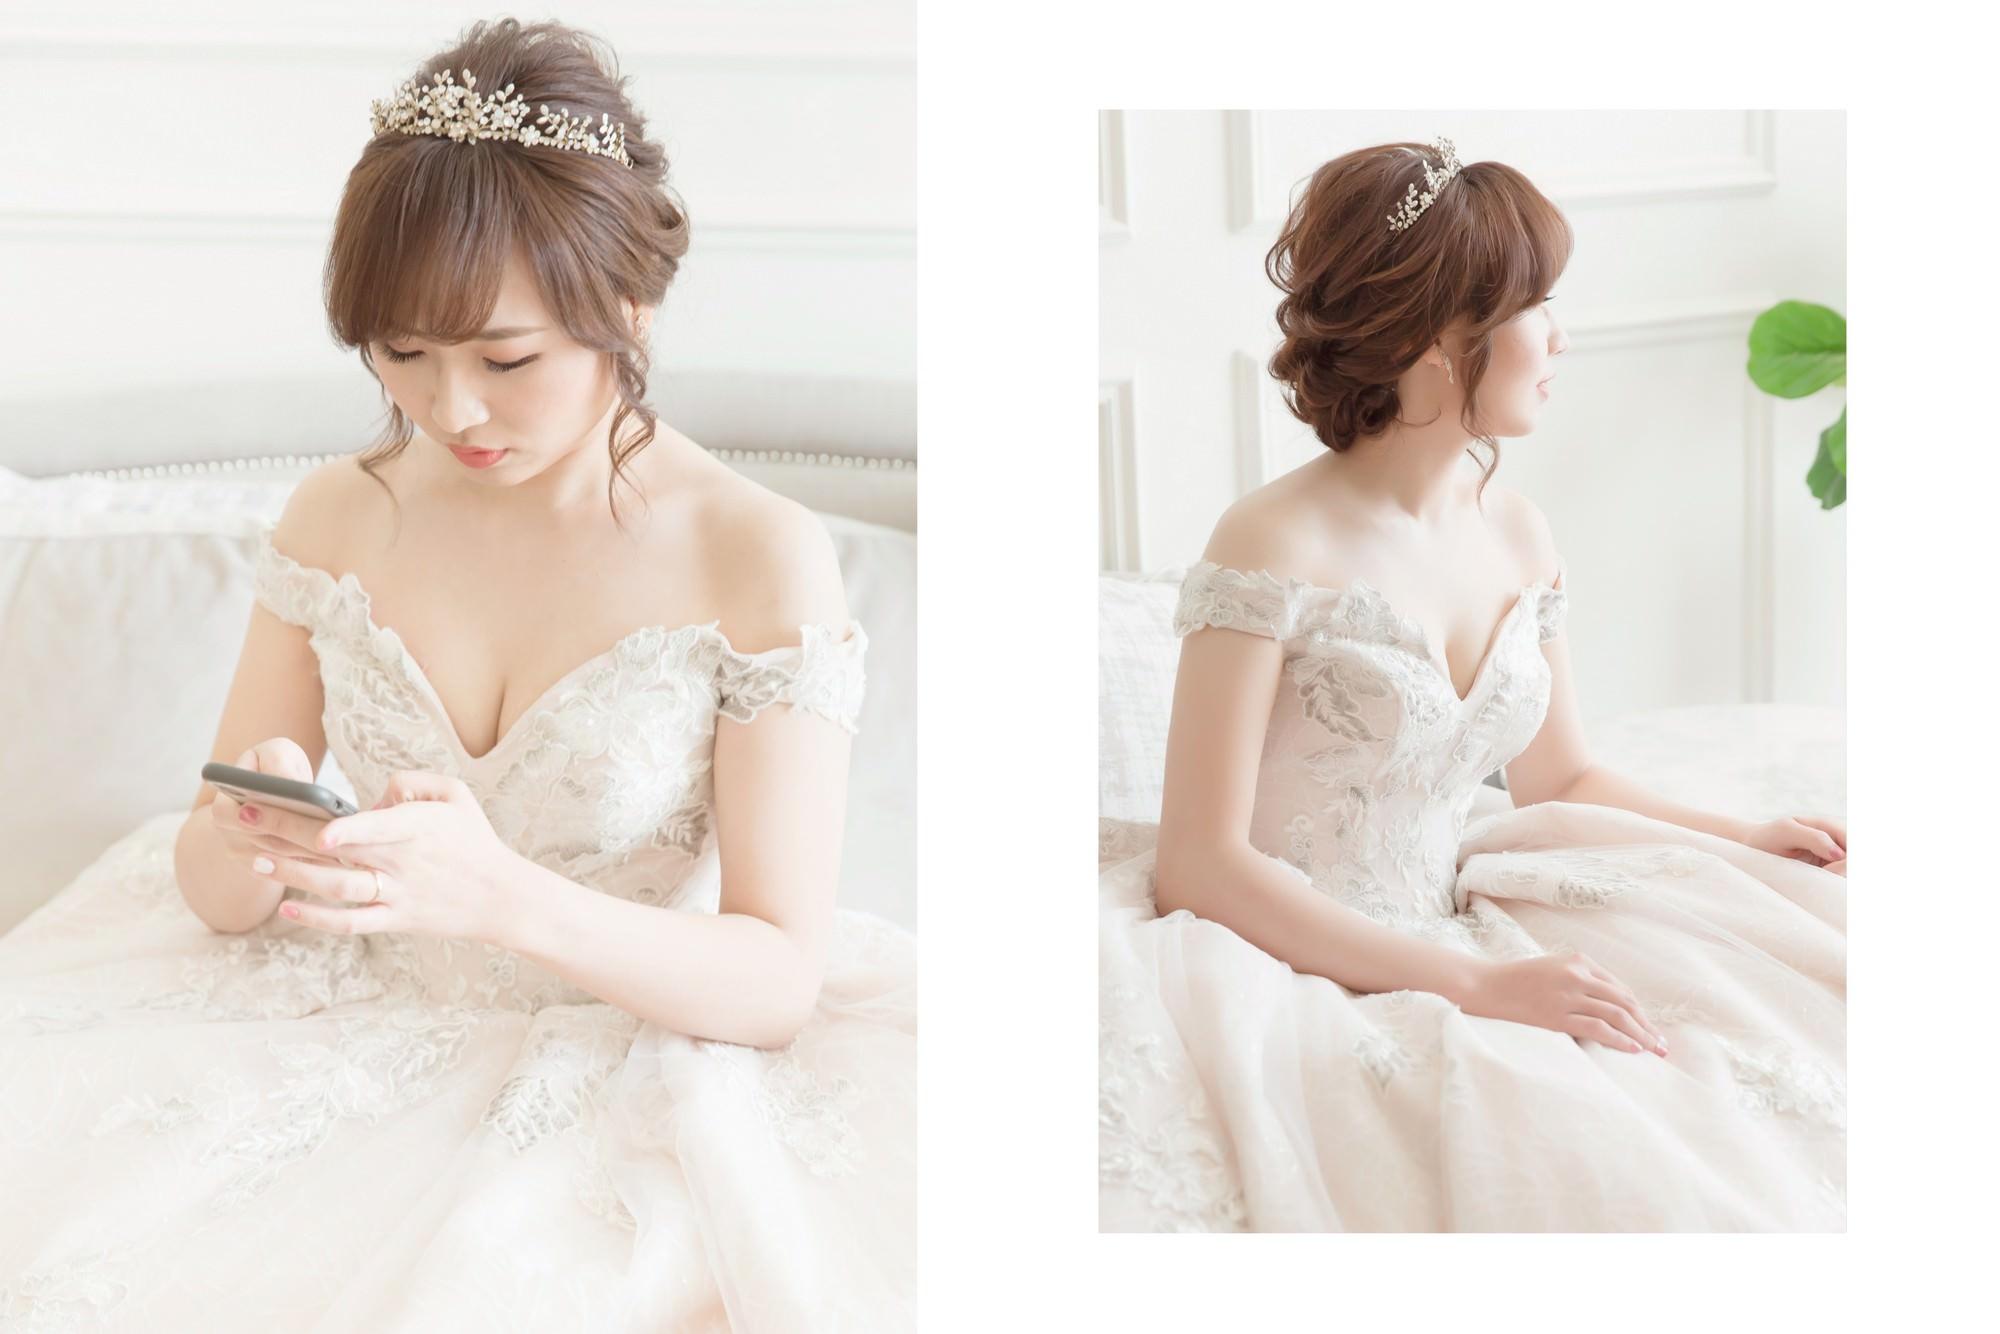 新娘秘書| 新秘| 新娘造型|白紗造型| 新娘髮型| 盤髮造型| 新娘妝容| wedding hairstyle| 台中新秘|皇冠造型